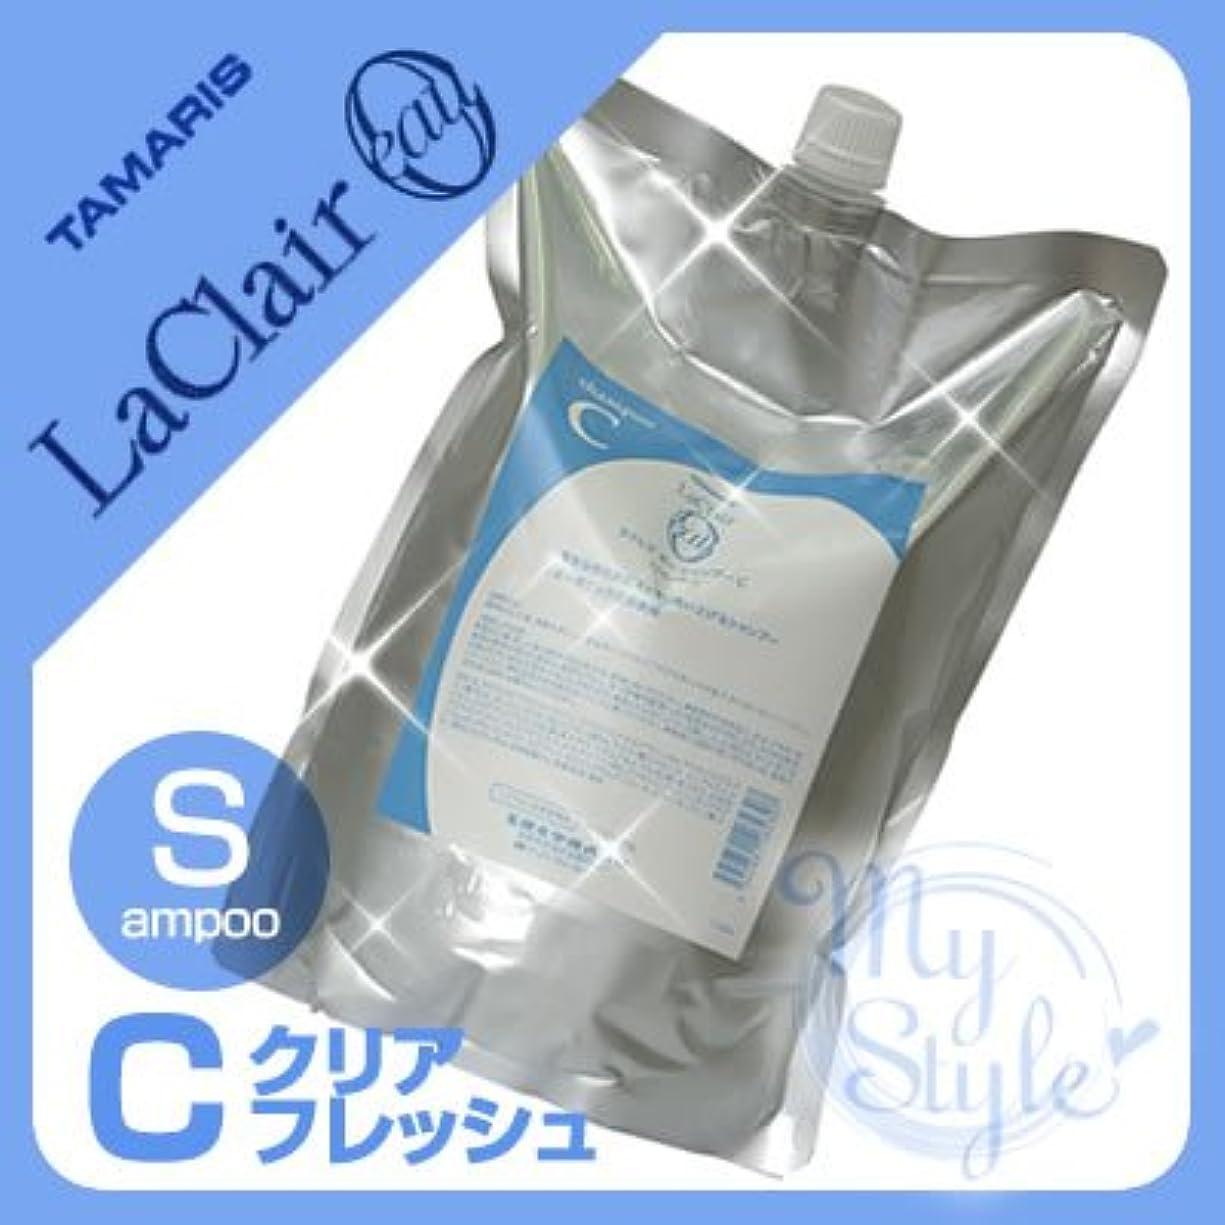 不安定解体する節約タマリス ラクレア オー クリアフレッシュ シャンプーC <2000mL>詰め替えTAMARIS LaClair eau